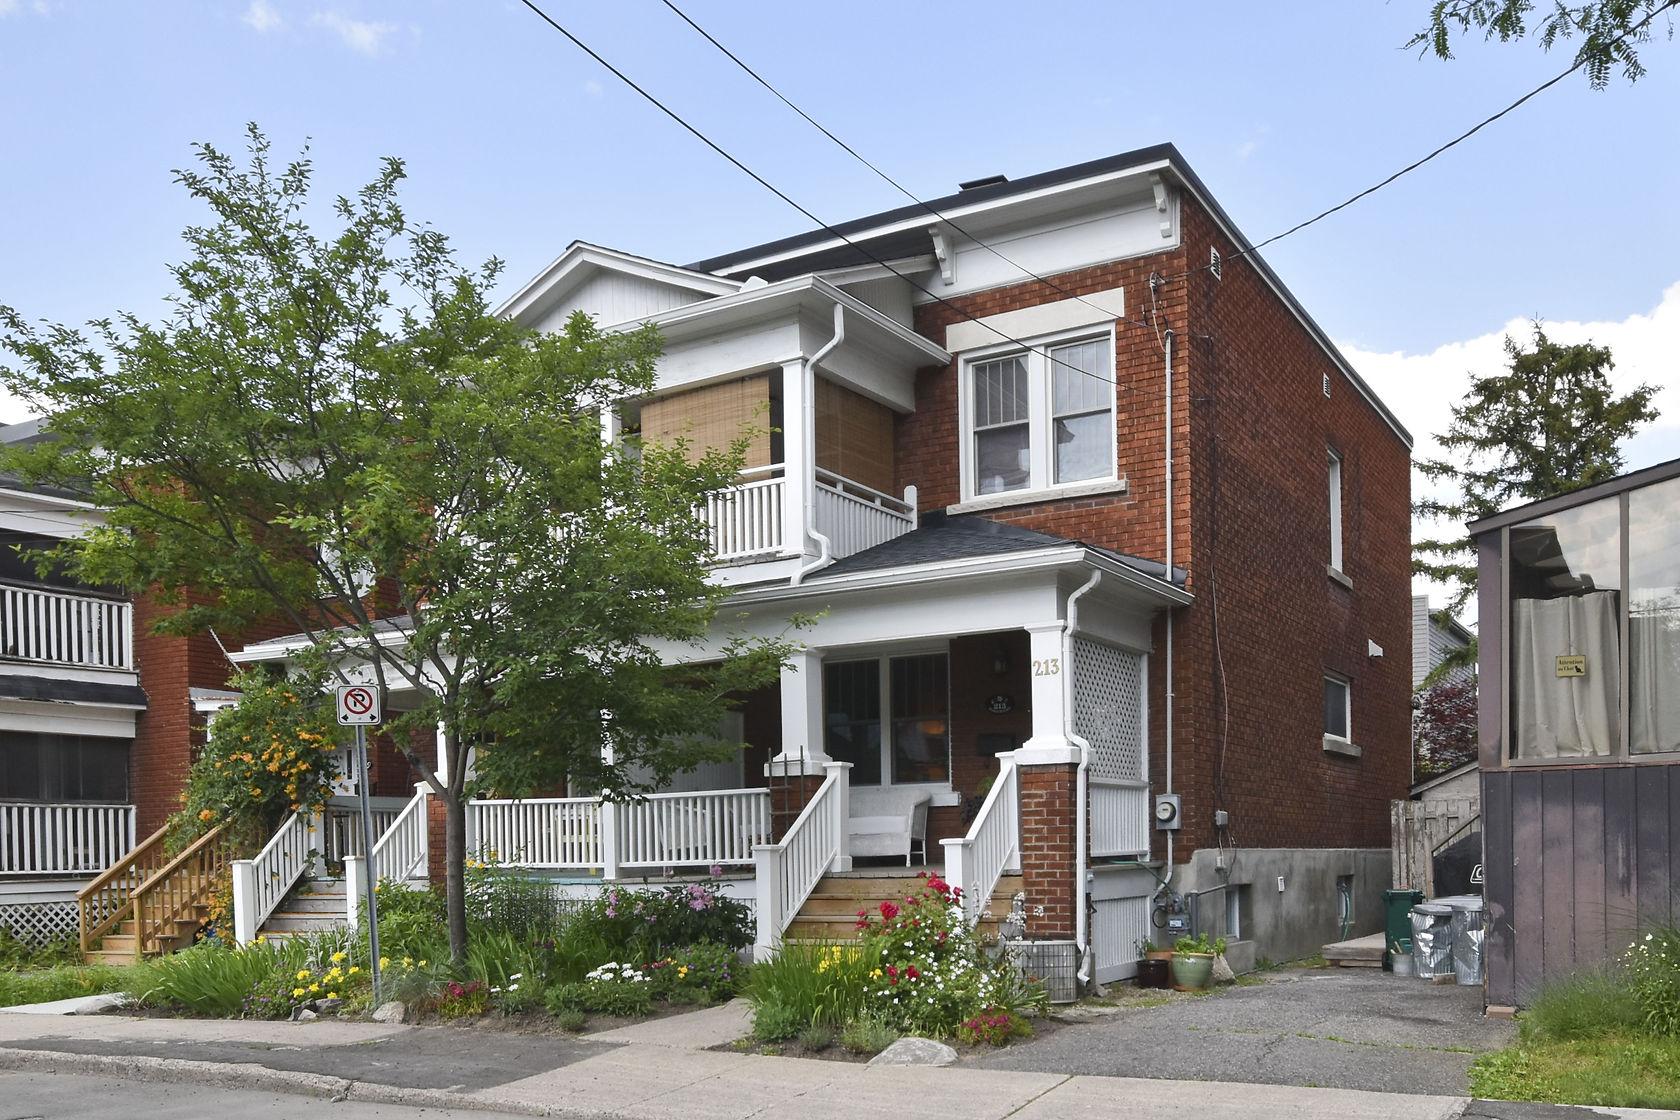 213 ROSEMERE AVE, Ottawa, Ontario